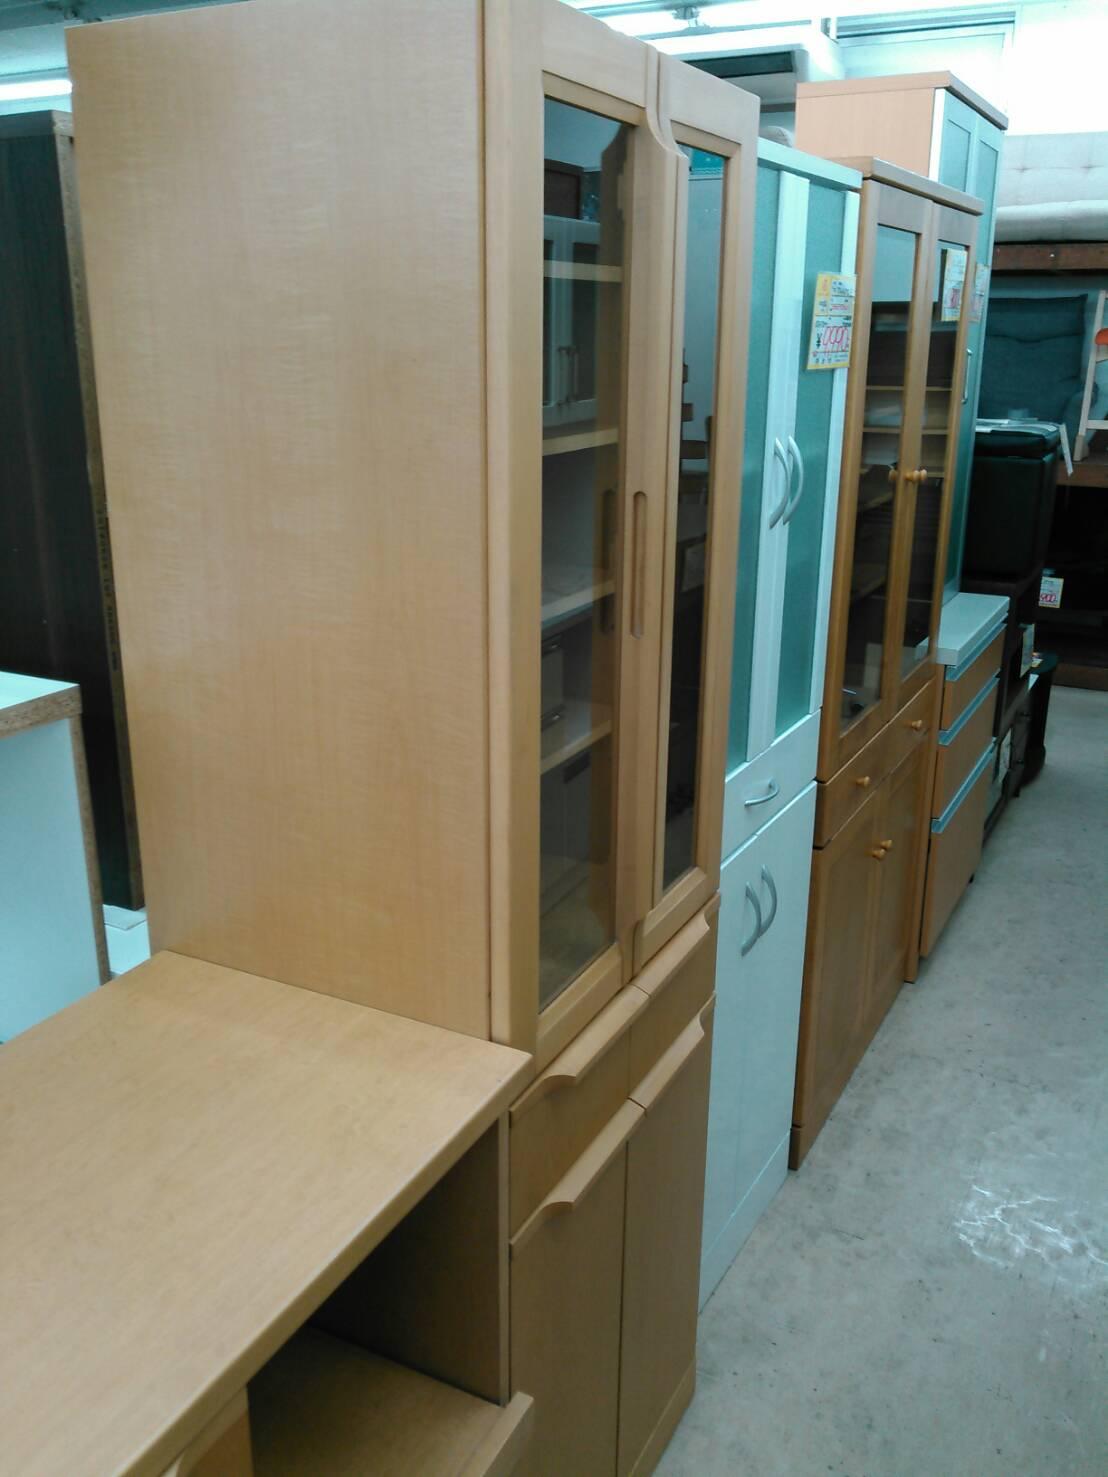 【浜本木工 食器棚 キッチン家具 キャビネット 収納家具】買い取り致しました!の買取-